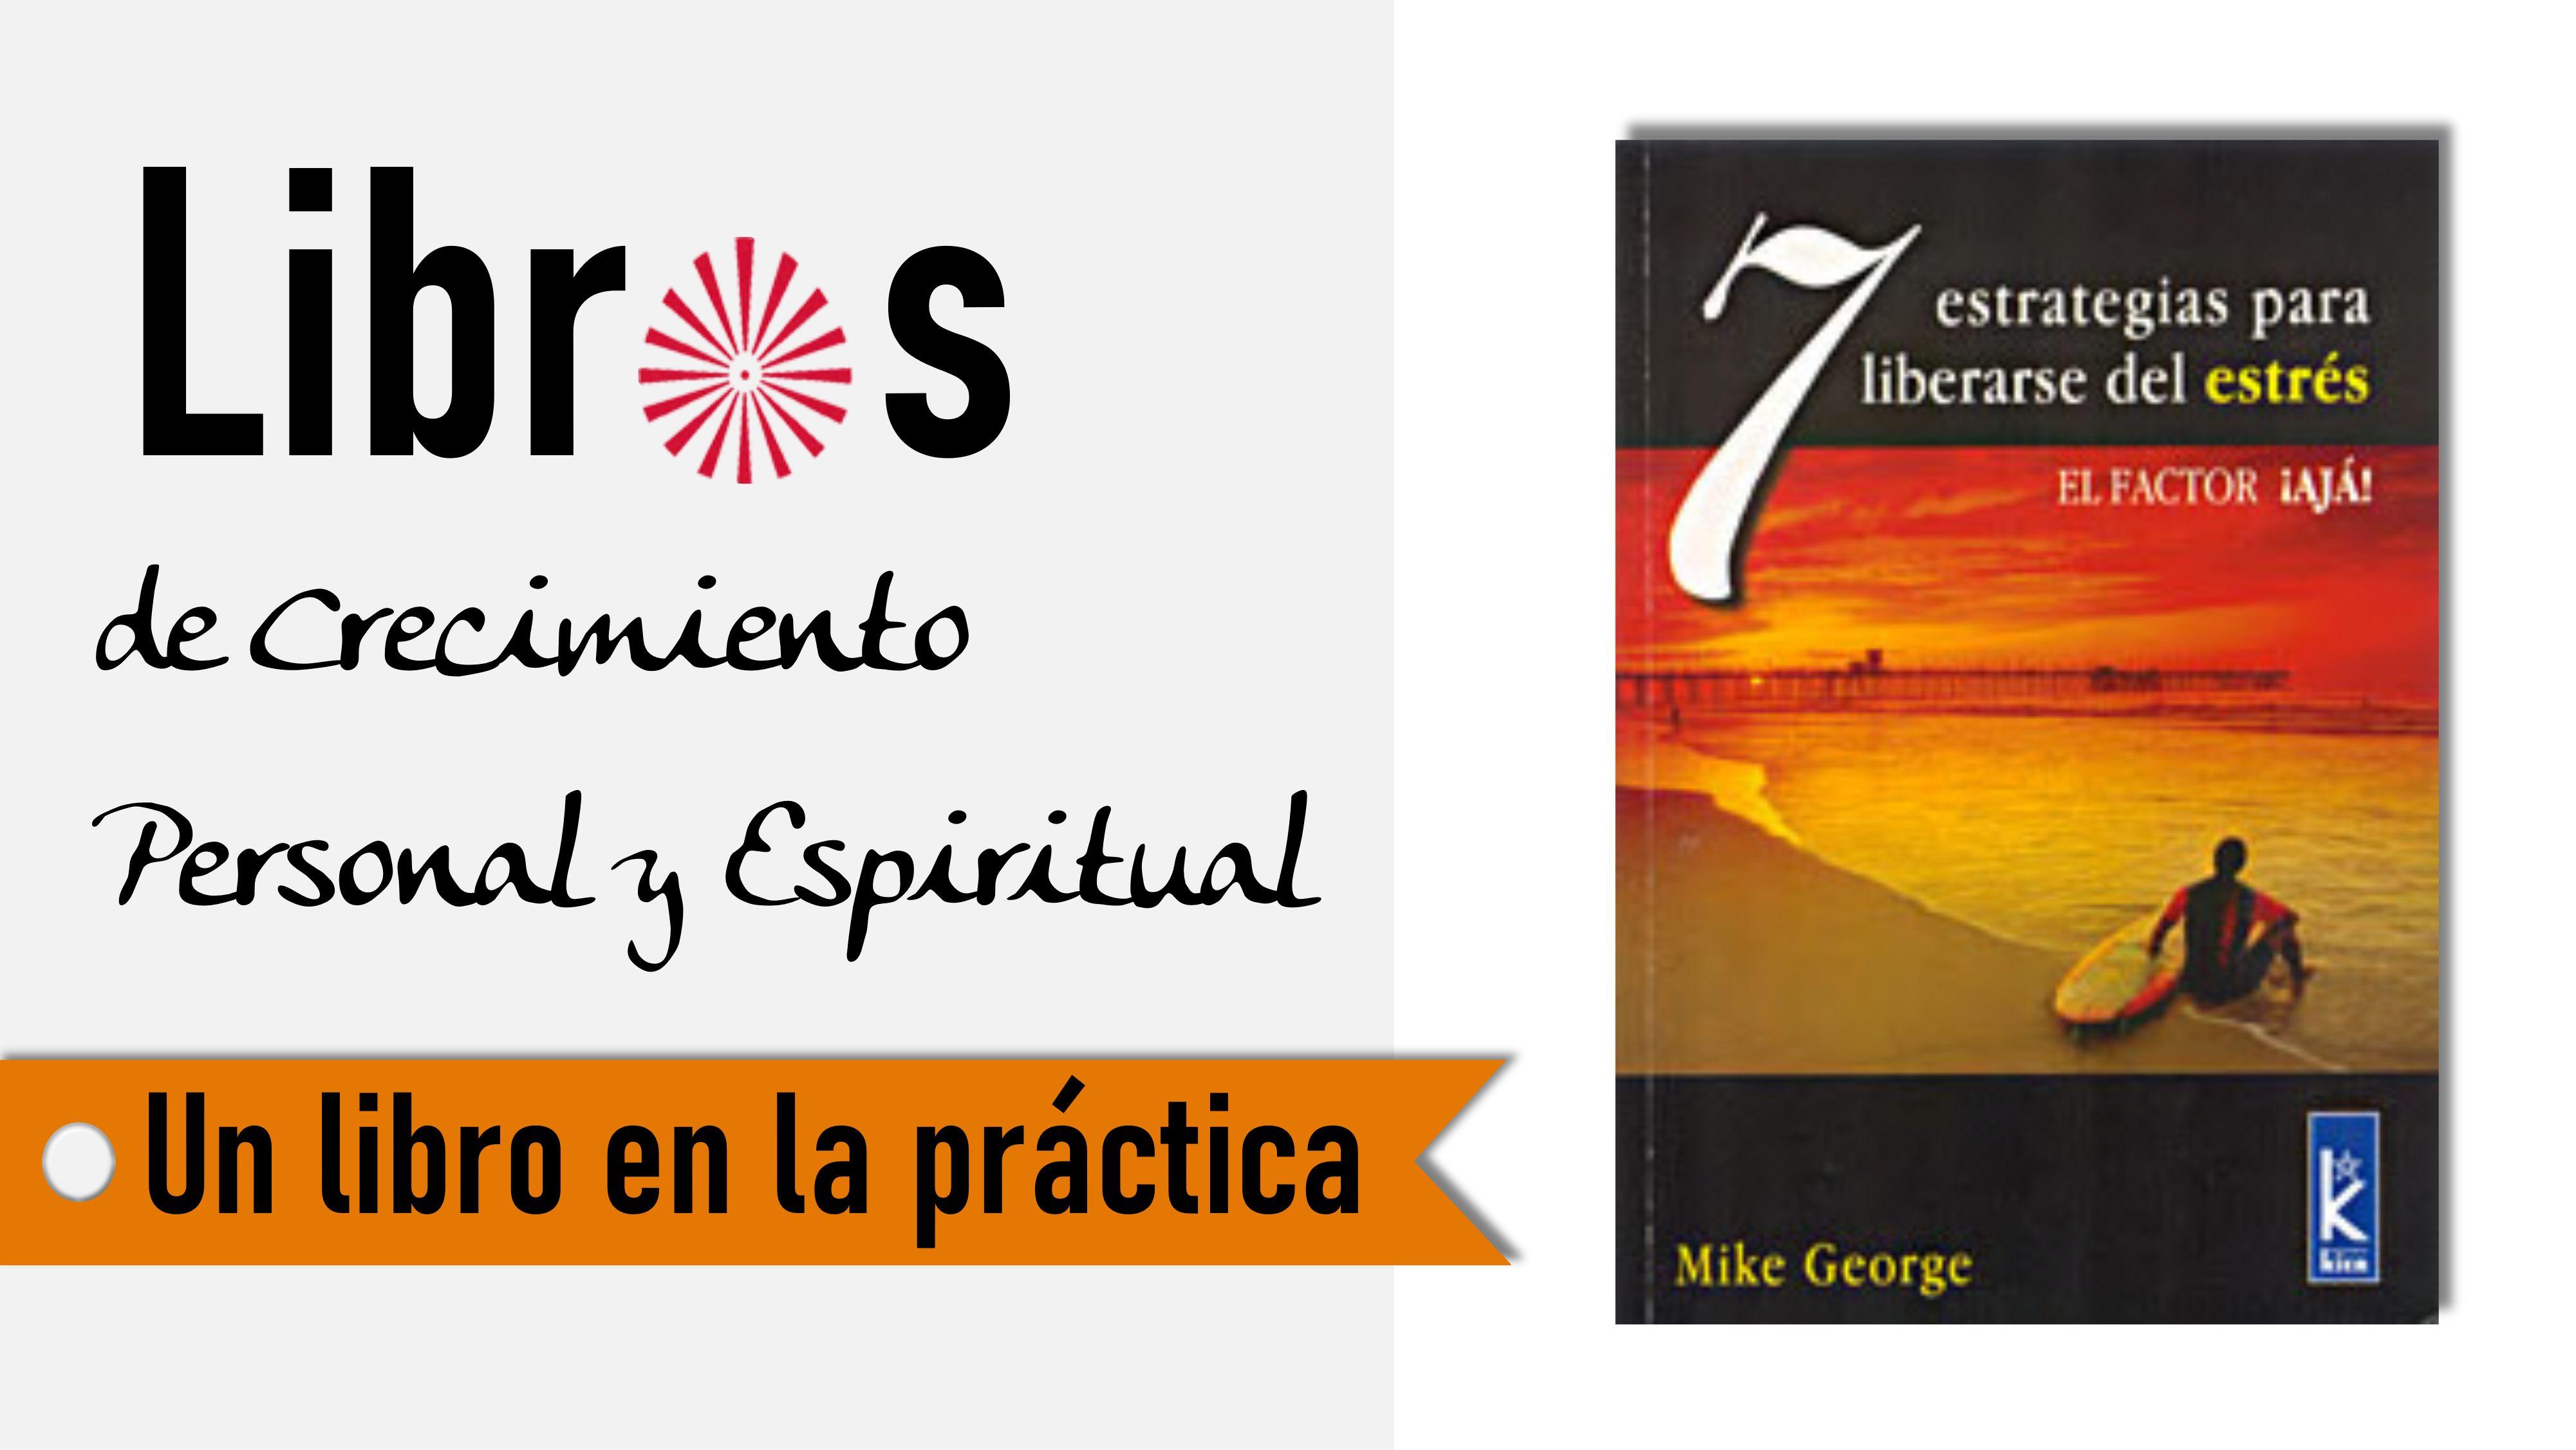 Un libro en la práctica: 7 estrategias para liberarse del estrés (8 Septiembre 2020) On-line desde Barcelona